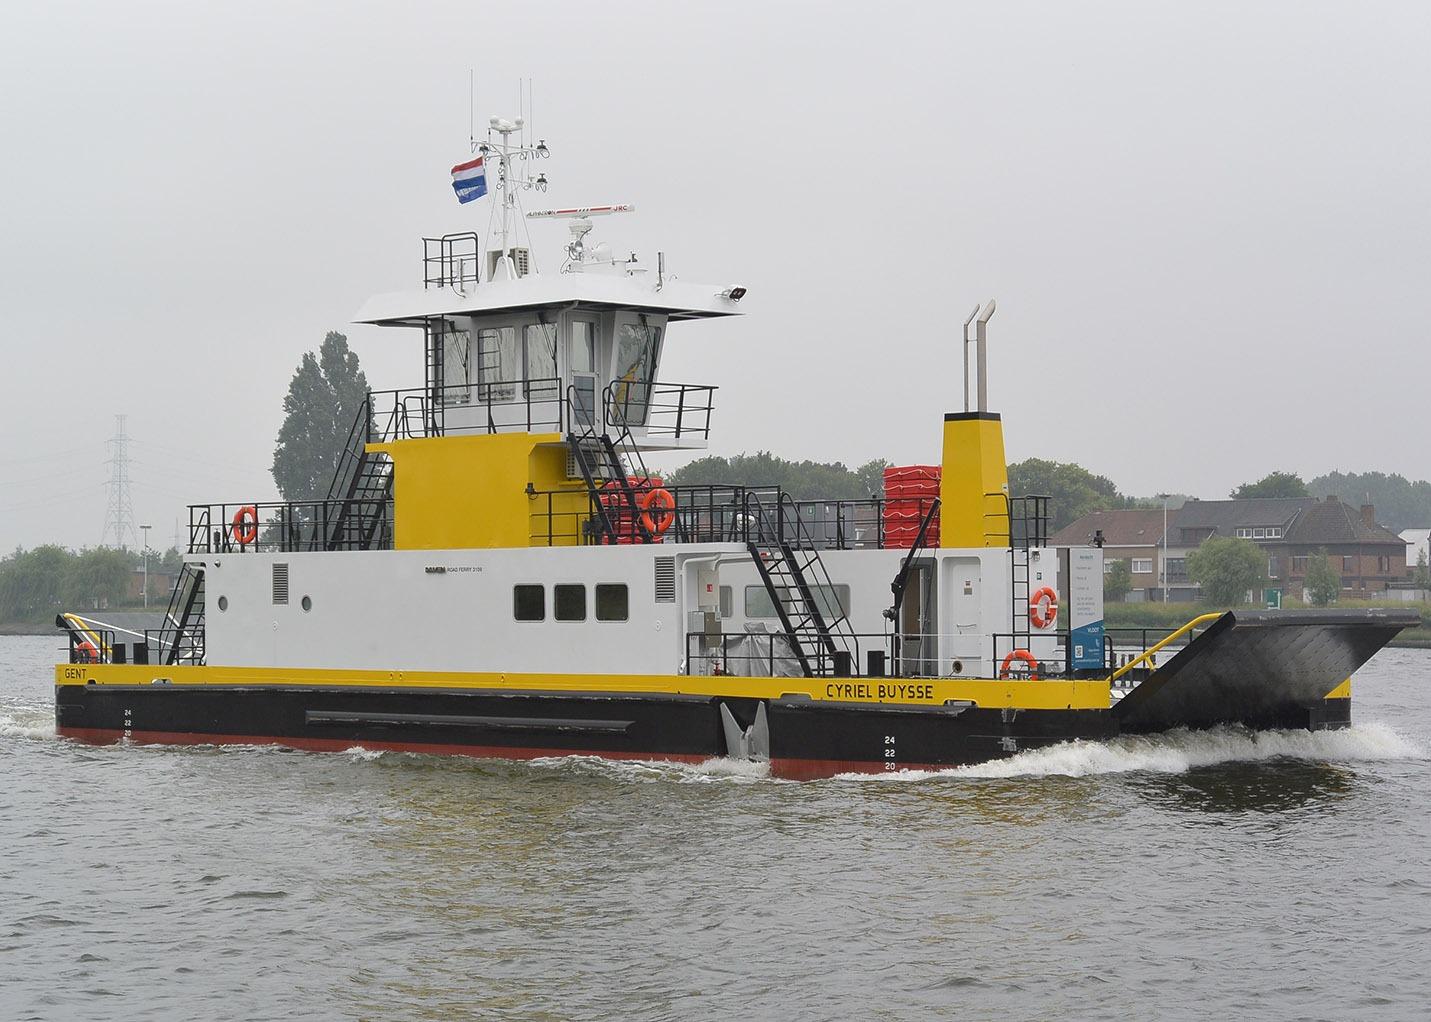 Veerdienst Ferries SFT170095 Damen Hardinxveld Cyriel Buysse Scania DI-13 diesel